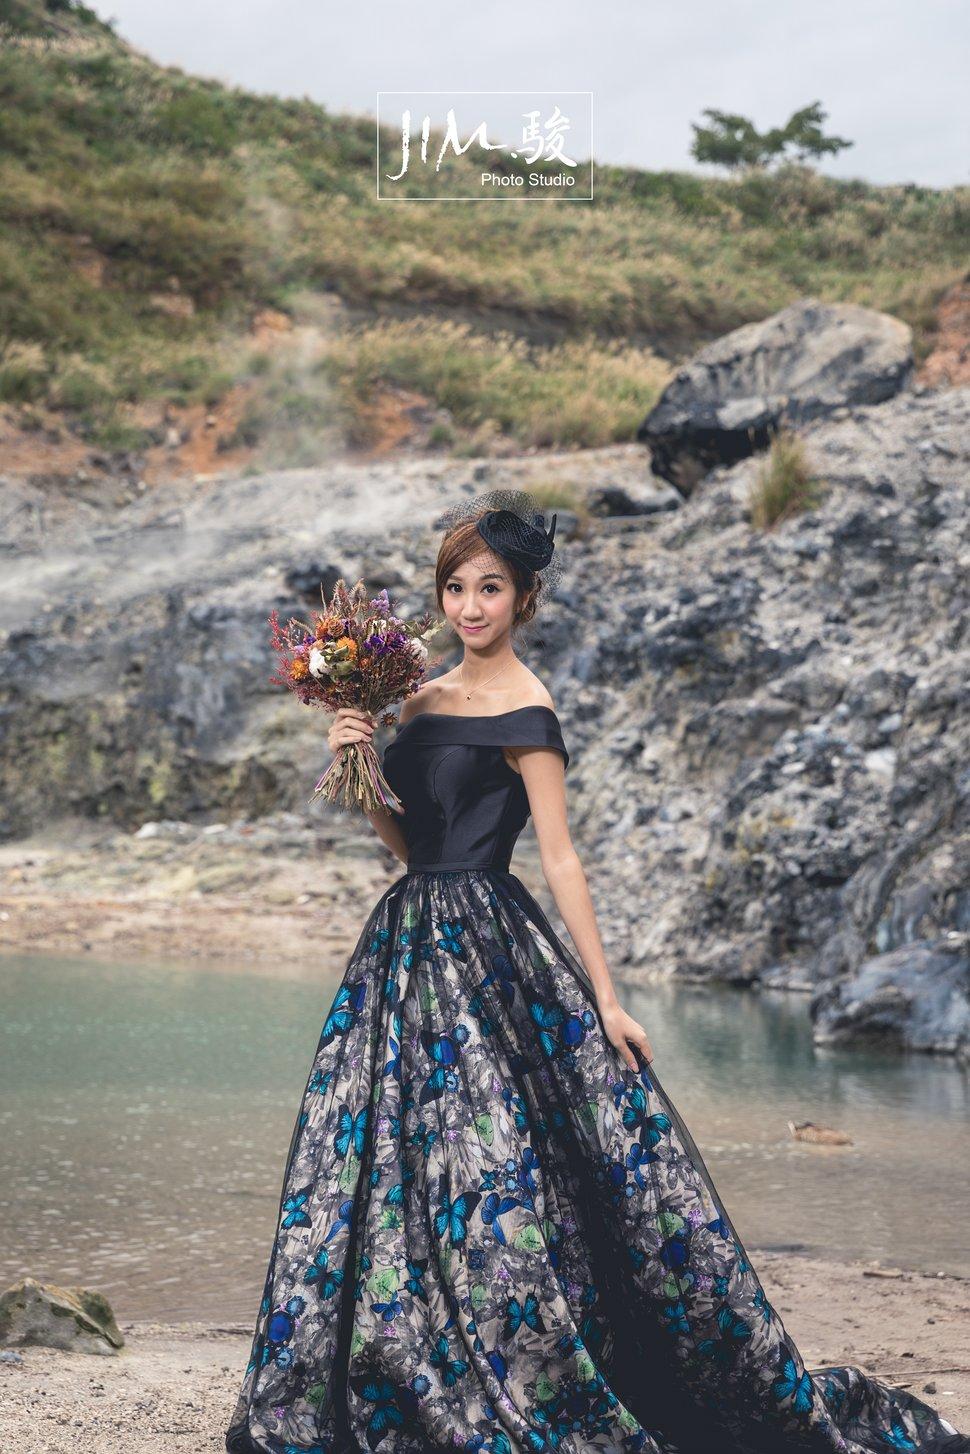 (編號:503743) - JIM 駿 PHOTO Studio - 結婚吧